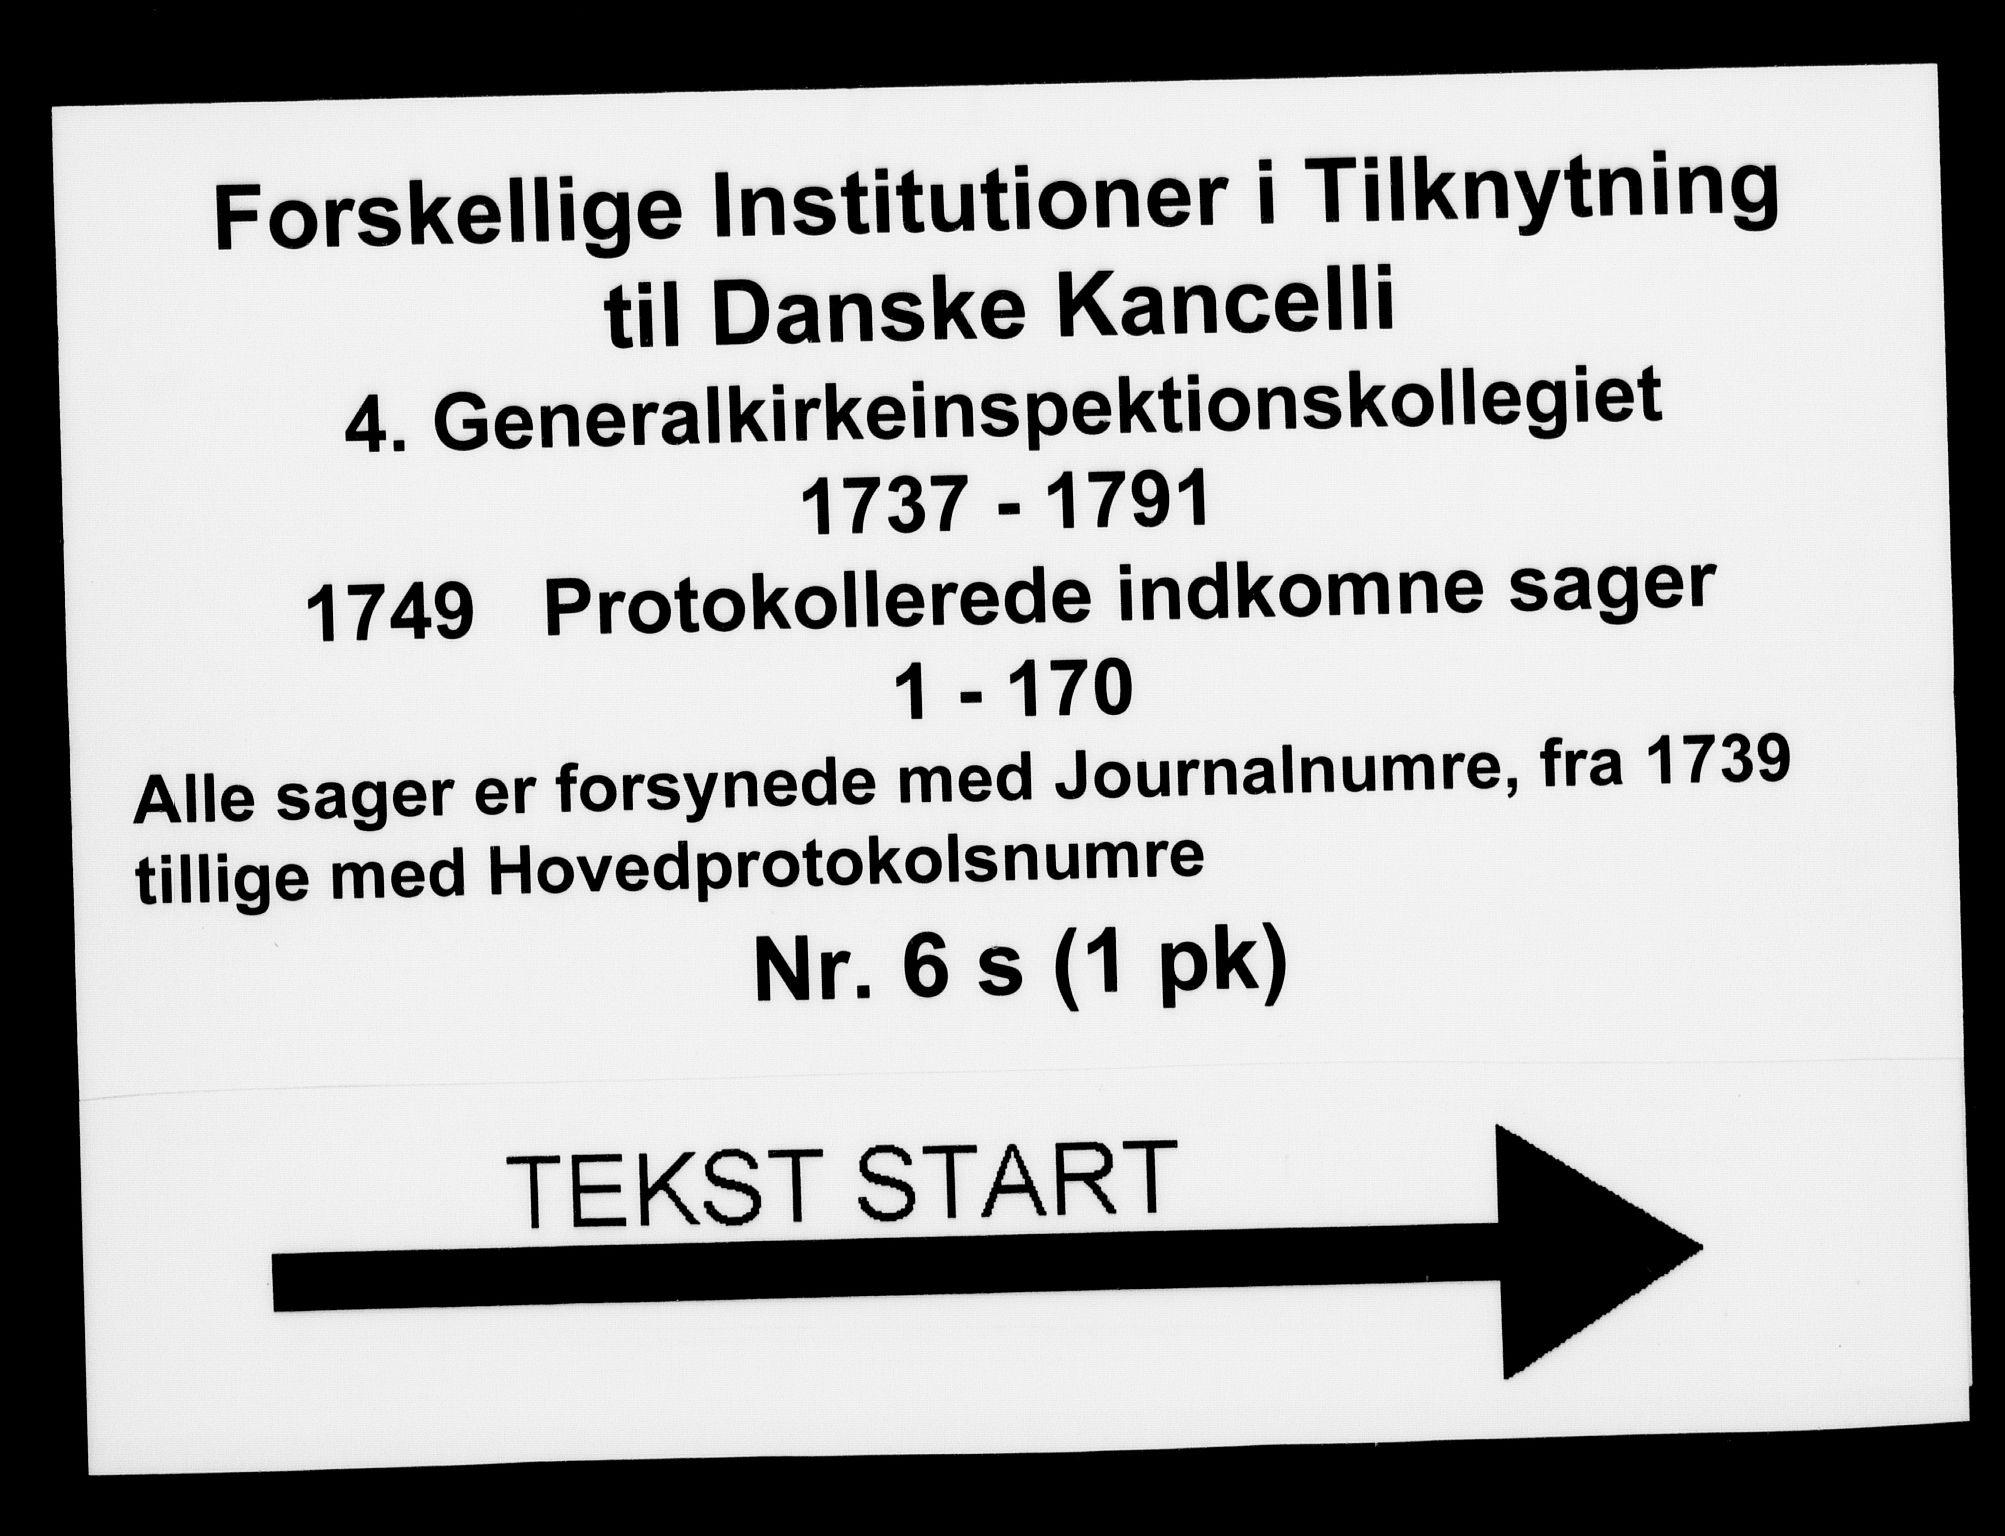 DRA, Generalkirkeinspektionskollegiet, F4-06/F4-06-19: Protokollerede indkomne sager, 1749